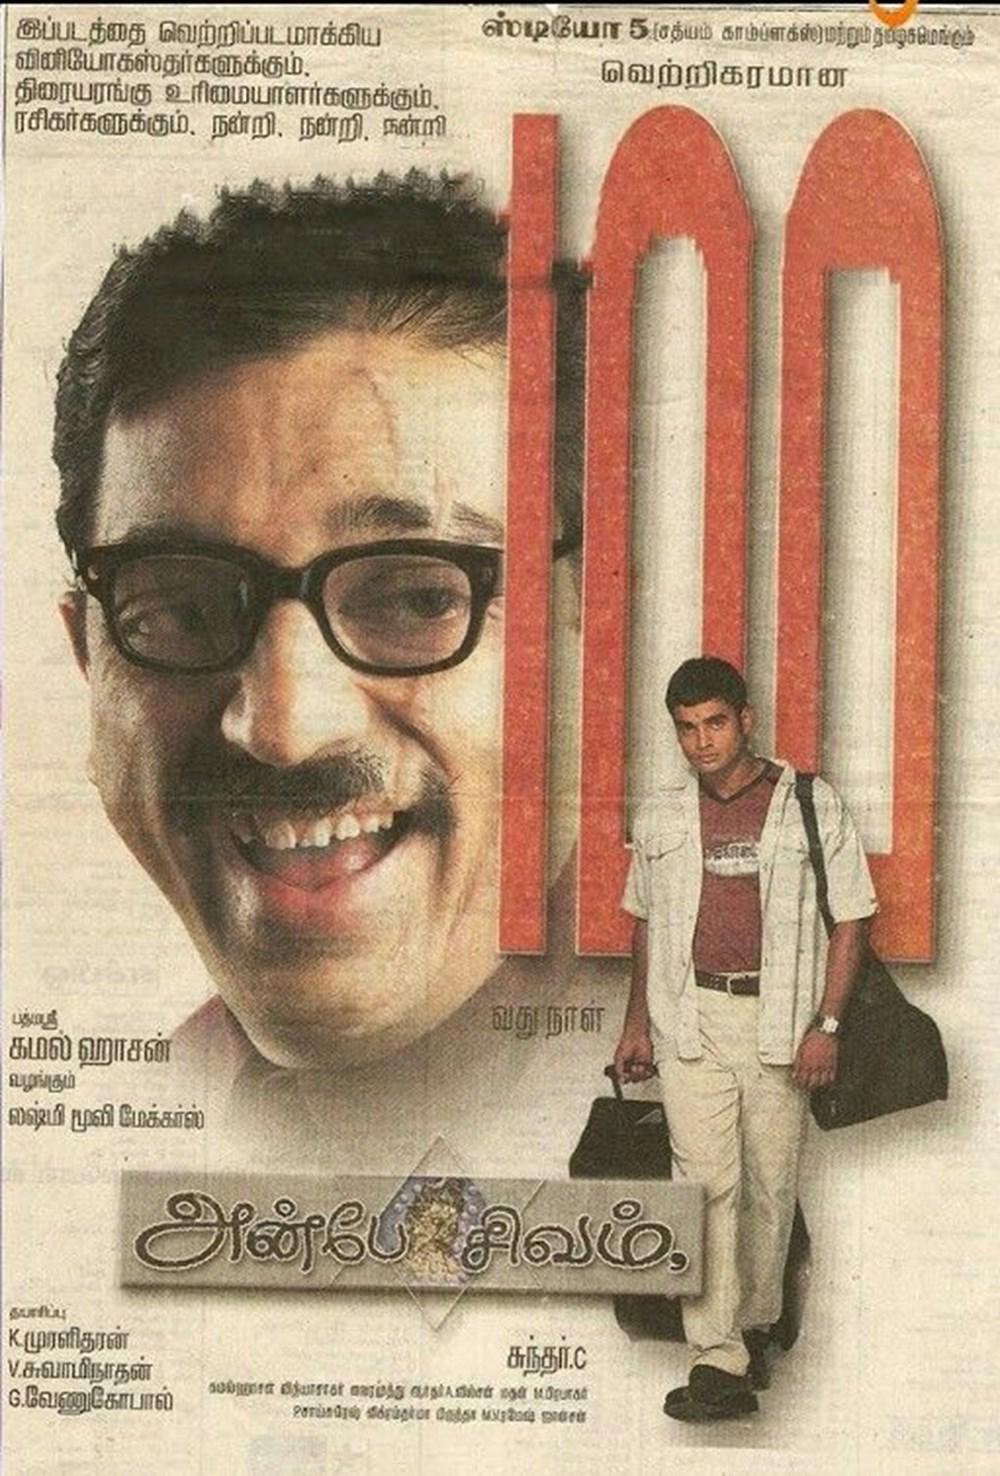 En iyi Hint filmleri - IMDb verileri (Bollywood sineması) - 51